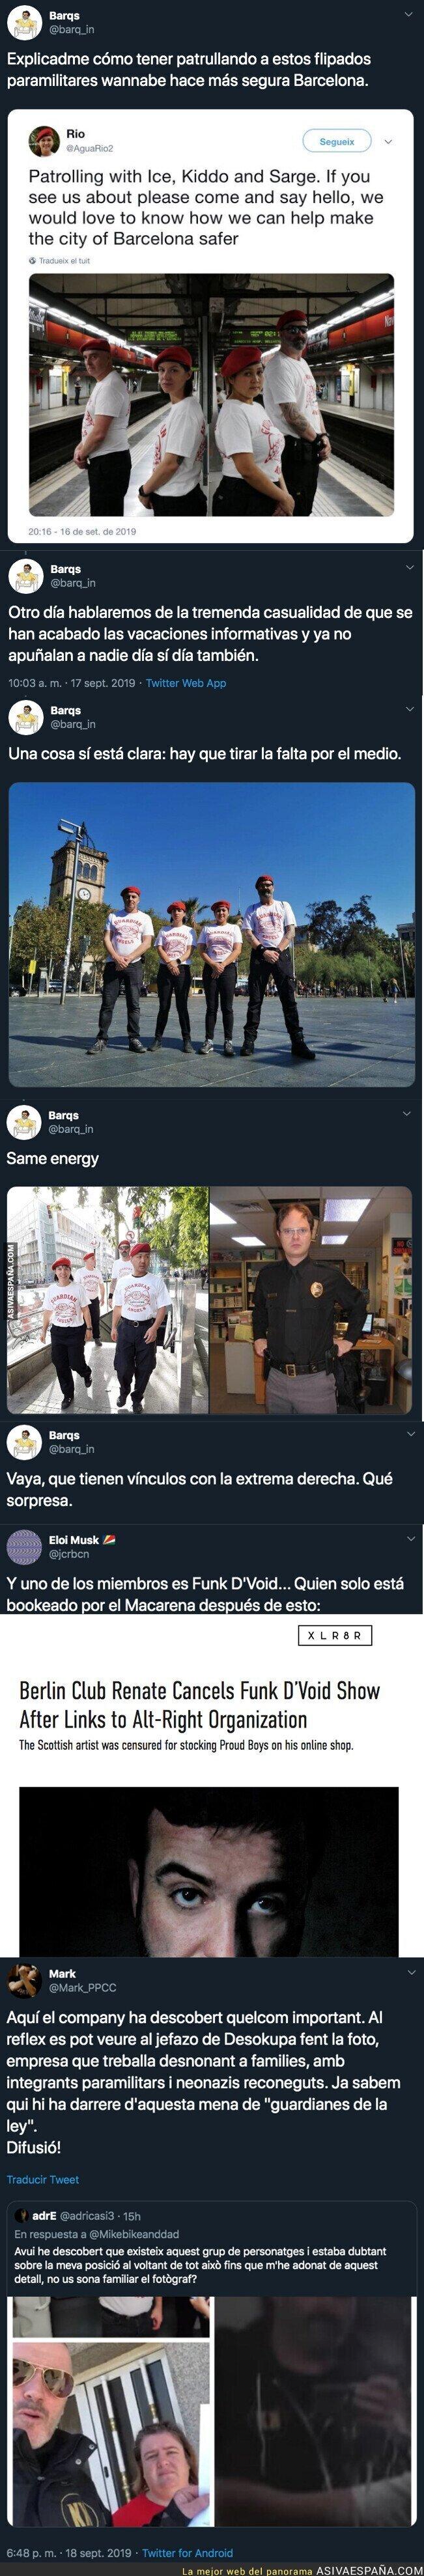 121459 - La gente que protege Barcelona es de extrema derecha